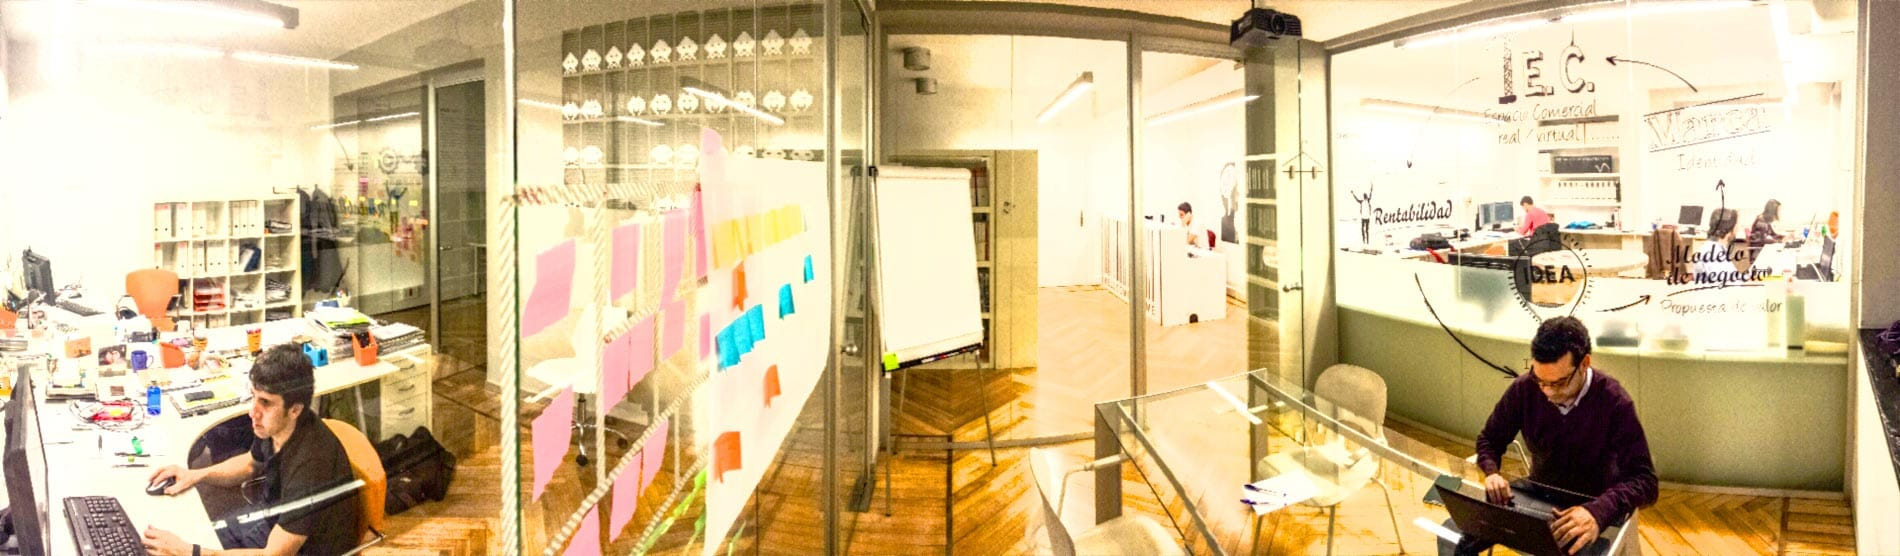 Flow retail partner especialistas en retail for Laboral kutxa oficinas bilbao